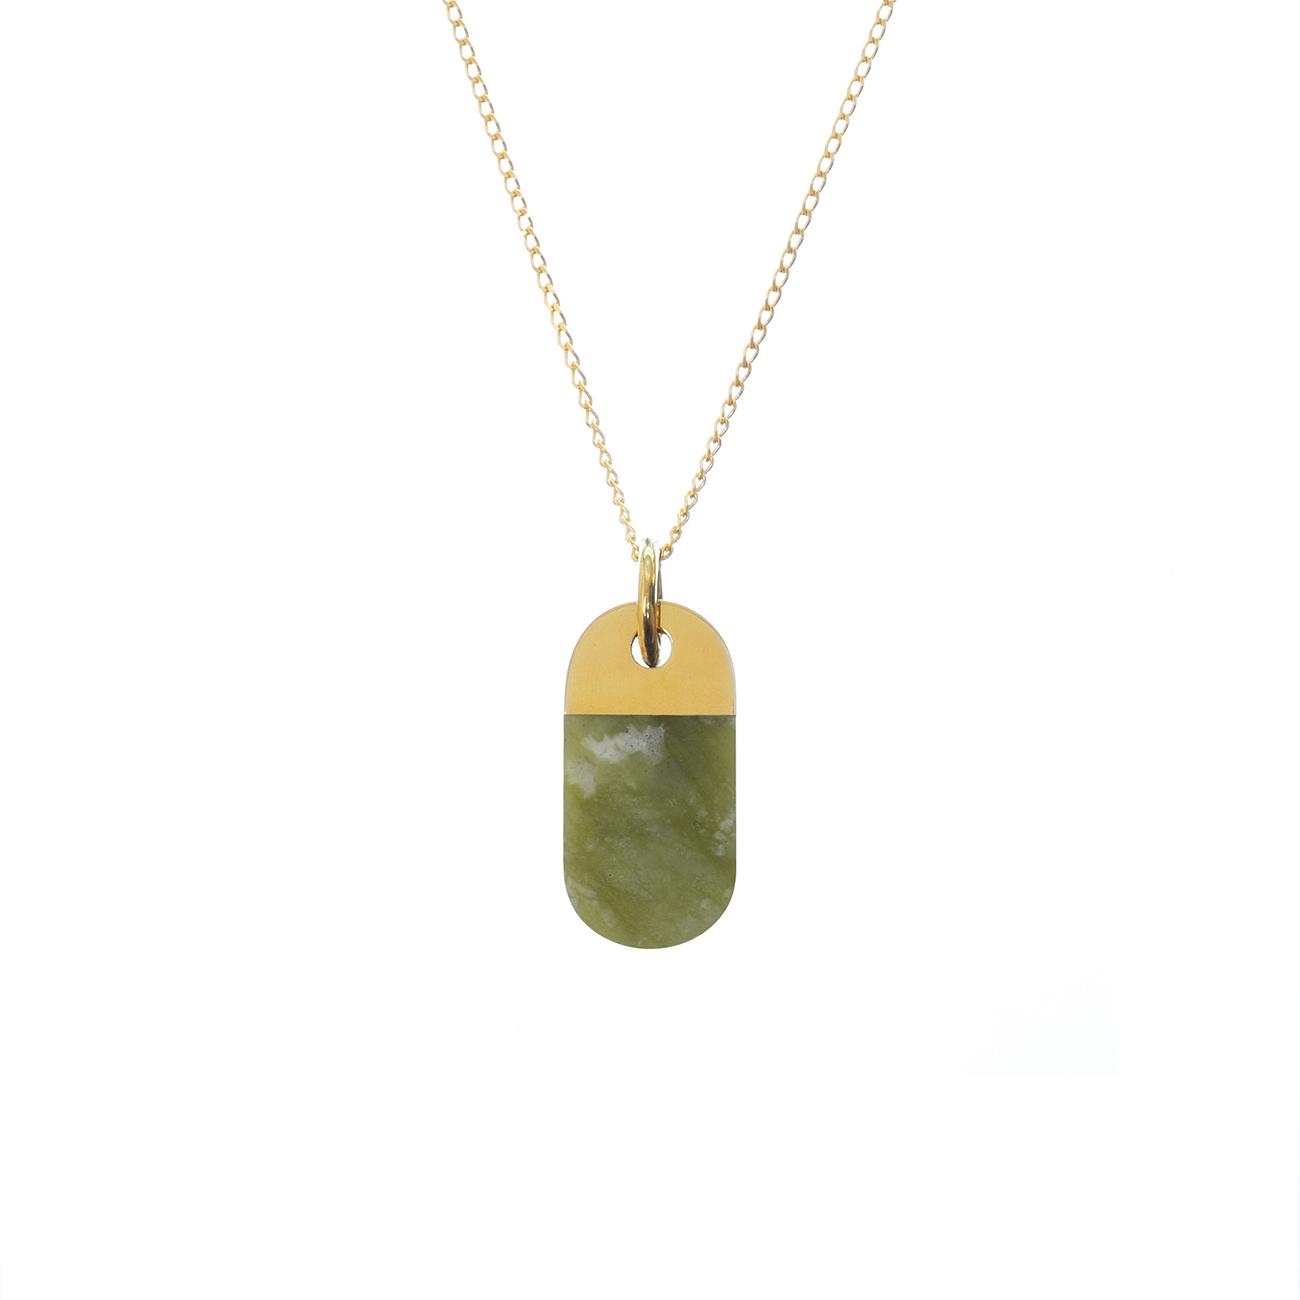 metaformi_design_jewelry_split_oval_necklace_jade